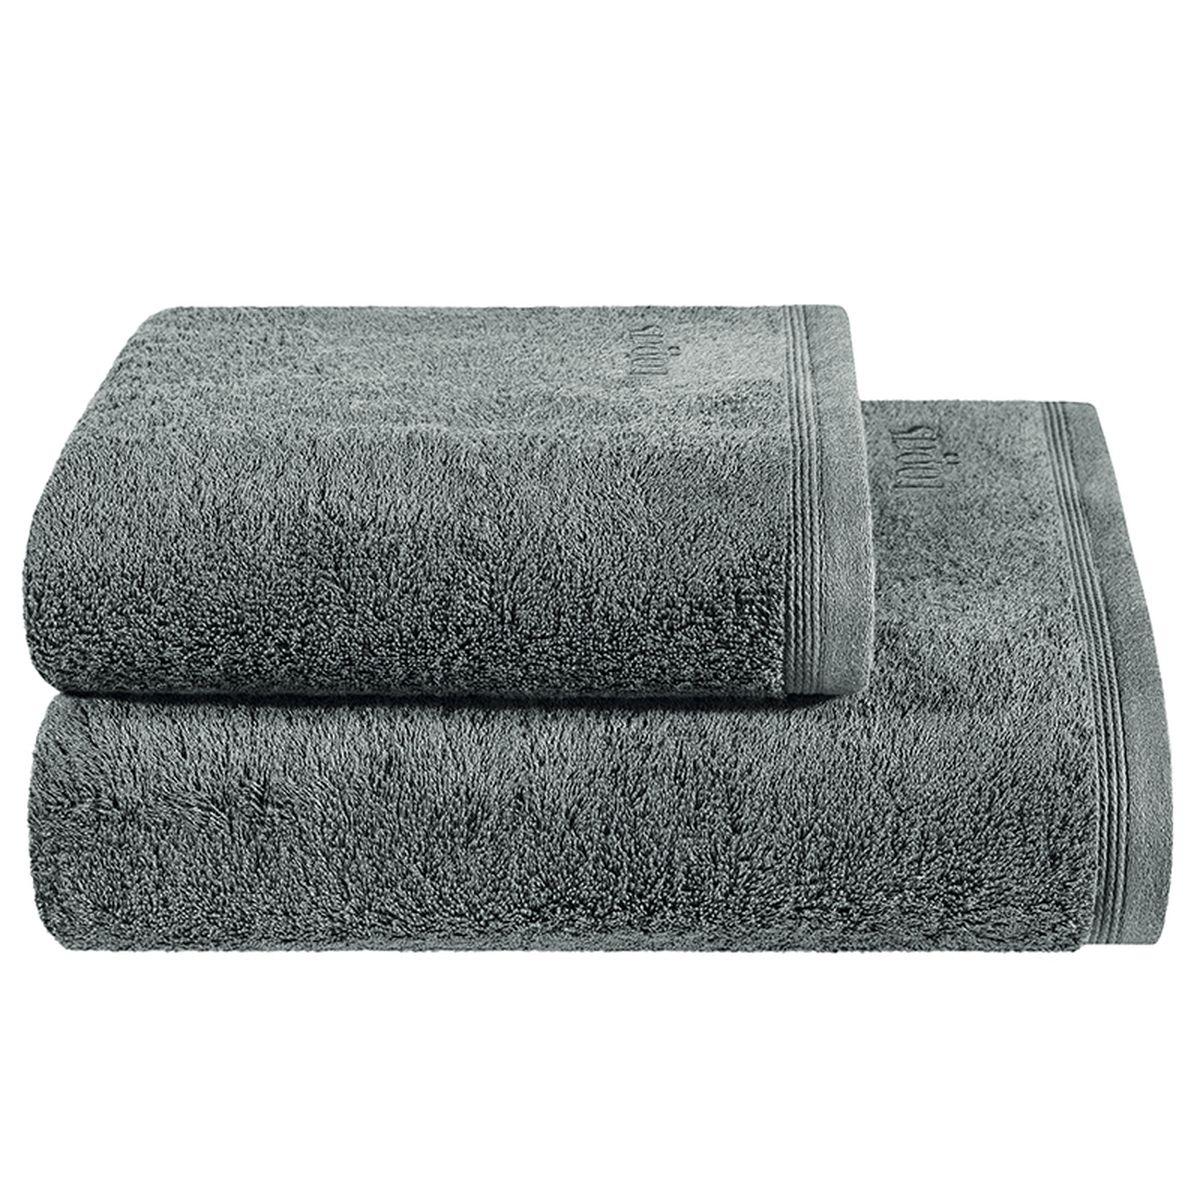 Полотенце Togas Пуатье, цвет: темно-серый, 70 х 140 см10.00.01.1016Полотенце Togas Пуатье невероятно гармонично сочетает в себе лучшие качества современного махрового текстиля. Безупречные по качеству, экологичное полотенце из 70% хлопка и 30% модала идеально заботится о вашей коже, особенно после душа, когда вы расслаблены и особо уязвимы. Деликатный дизайн полотенца Togas «Пуатье» - воплощение изысканной простоты, где на первый план выходит качество материала. Невероятно мягкое волокно модал, превосходящее по своим свойствам даже хлопок, позволяет улучшить впитывающие качества полотенца и делает его удивительно мягким. Модал - это 100% натуральное, экологически чистое целлюлозное волокно. Оно производится без применения каких-либо химических примесей, поэтому абсолютно гипоаллергенно.Полотенце Togas Пуатье, обладающее идеальными качествами, будет поднимать вам настроение.